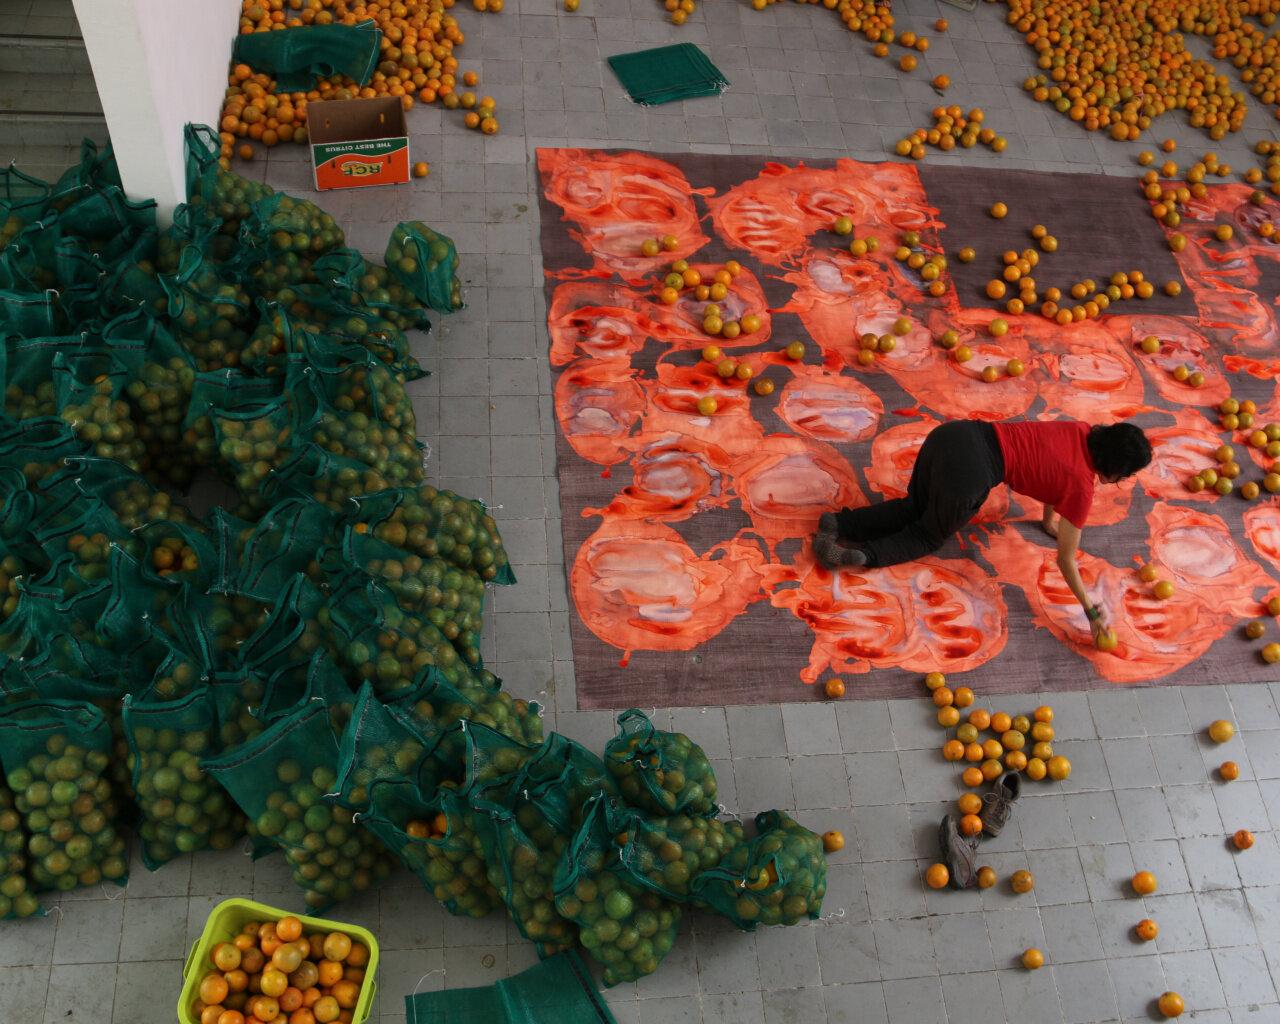 Carmen Argote, Manéjese Con Cuidado, 2019. Public action: PAOS GDL, the Museo Taller José Clemente Orozco, Guadalajara, Mexico. Courtesy the artist. Photo: Itzel Hernández Gómez